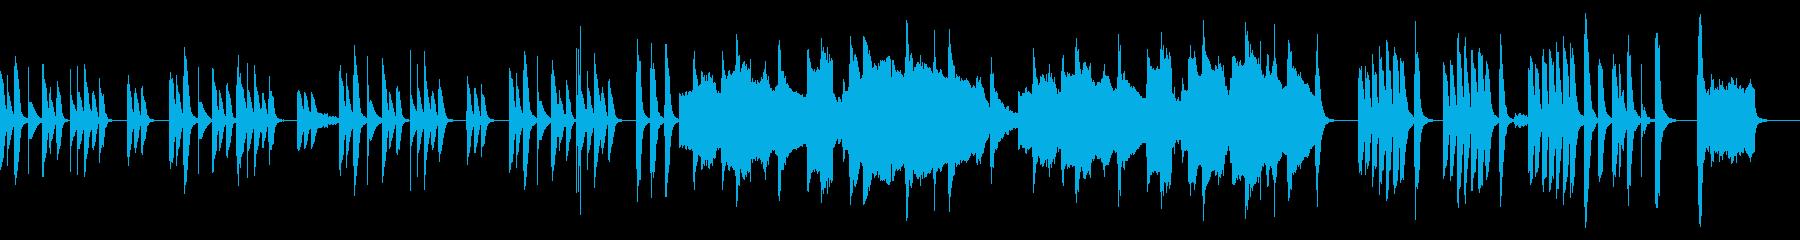 ほのぼのしたかわいい日常系BGMの再生済みの波形